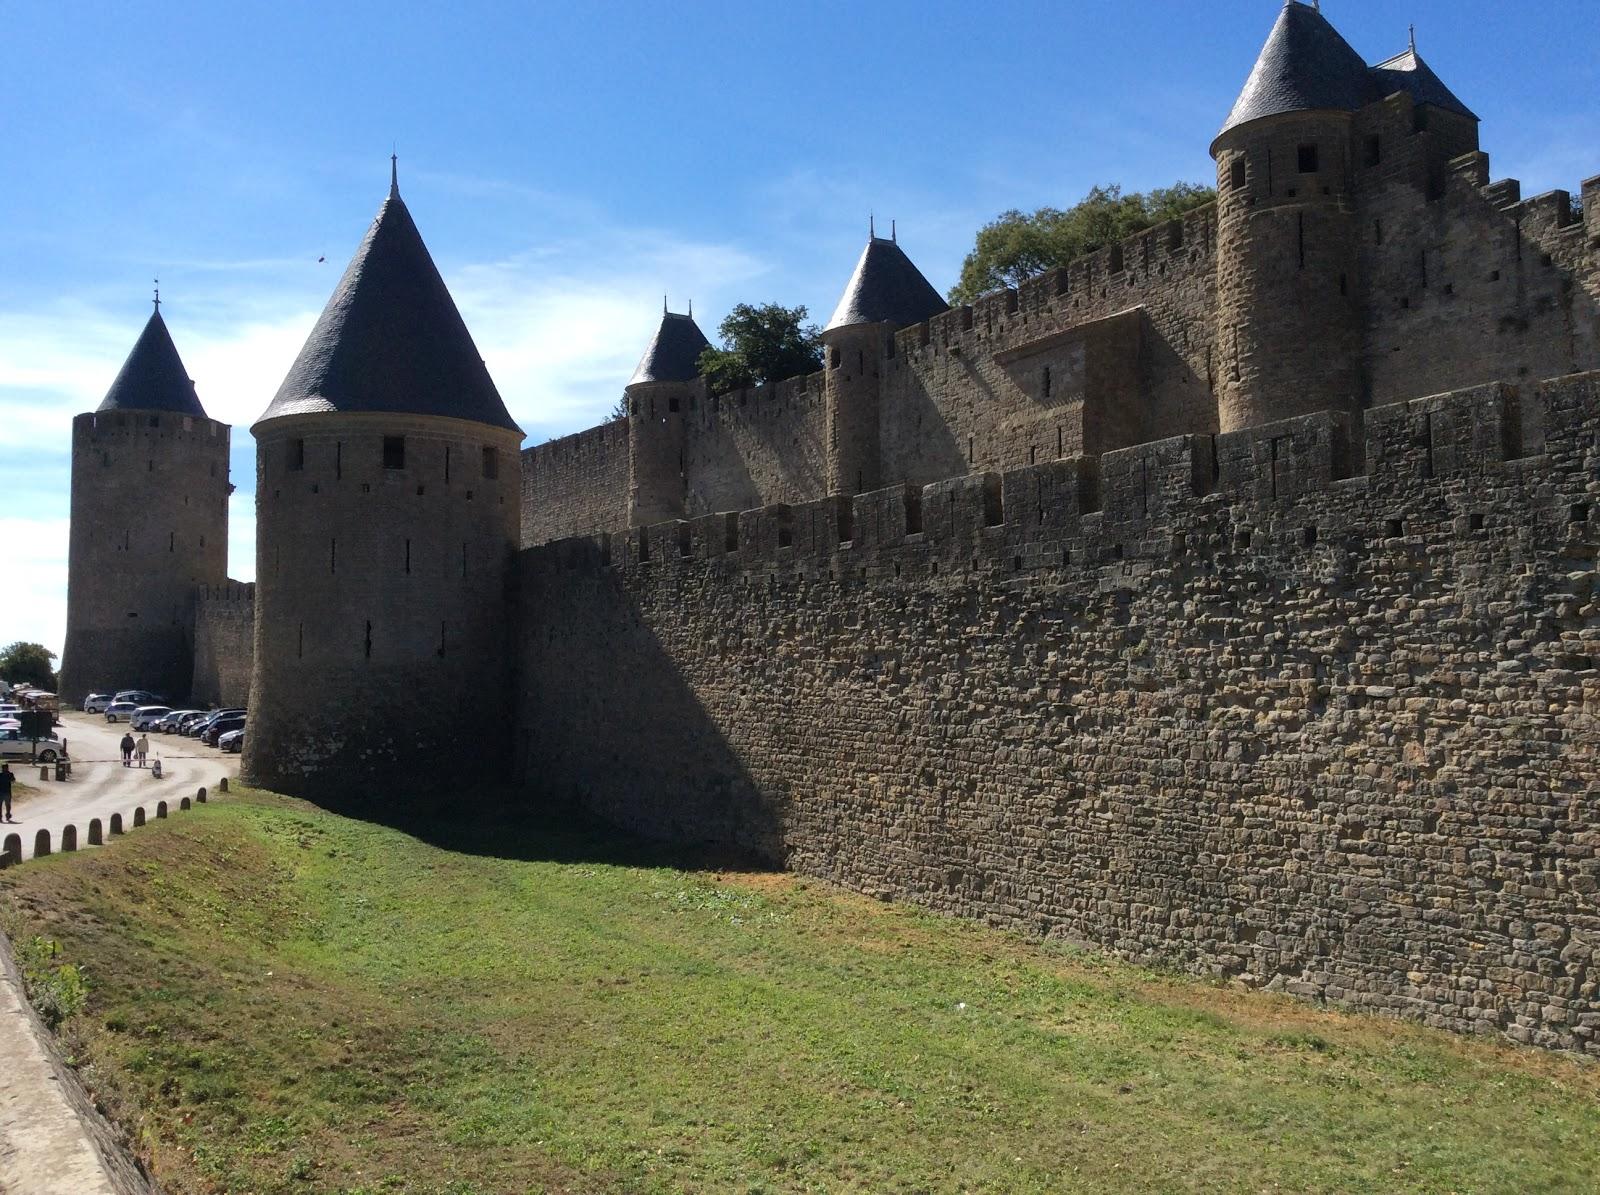 Les joyeux retrait s en cavale for Au jardin de la tour carcassonne